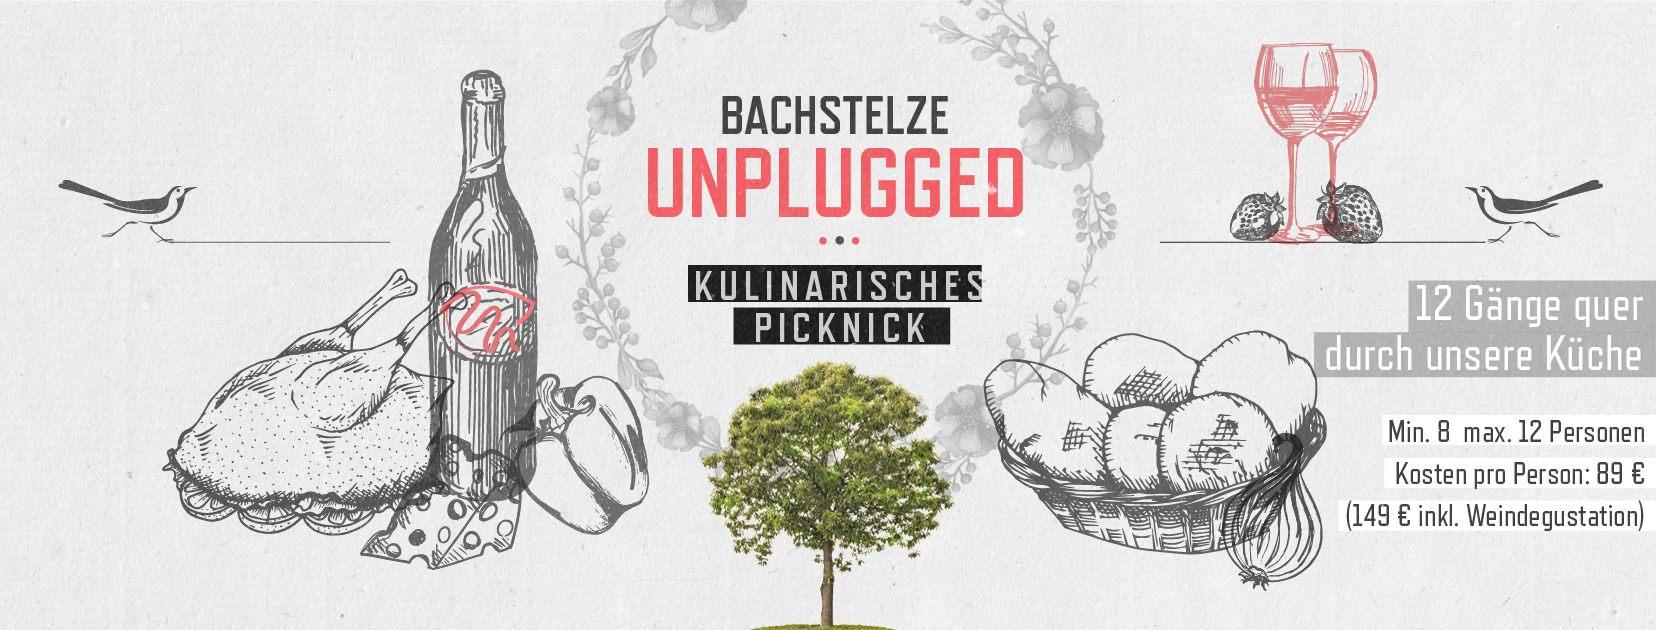 Bachstelze Unplugged